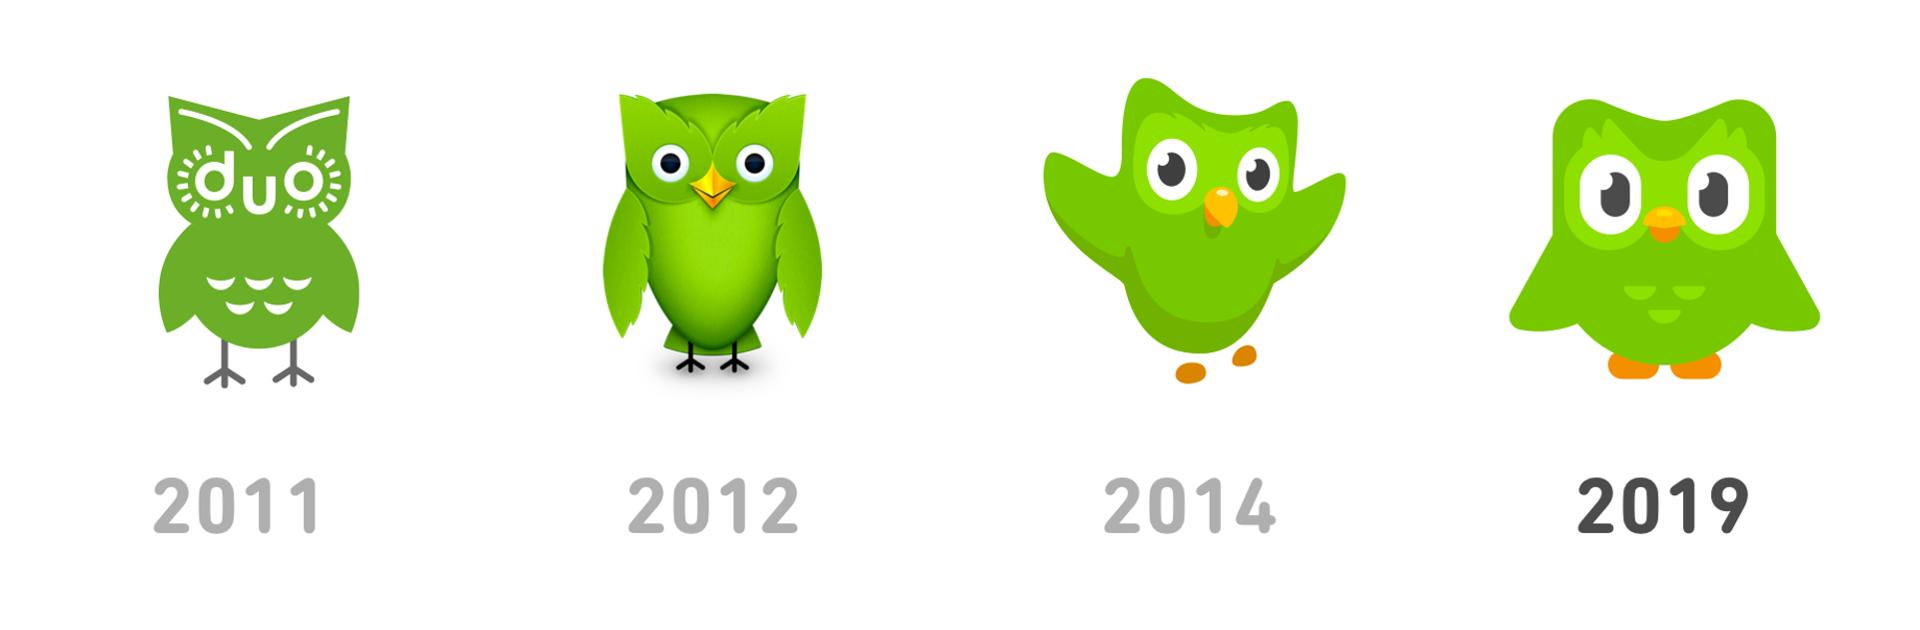 Duolingo ahora vale 1,500 millones de dólares